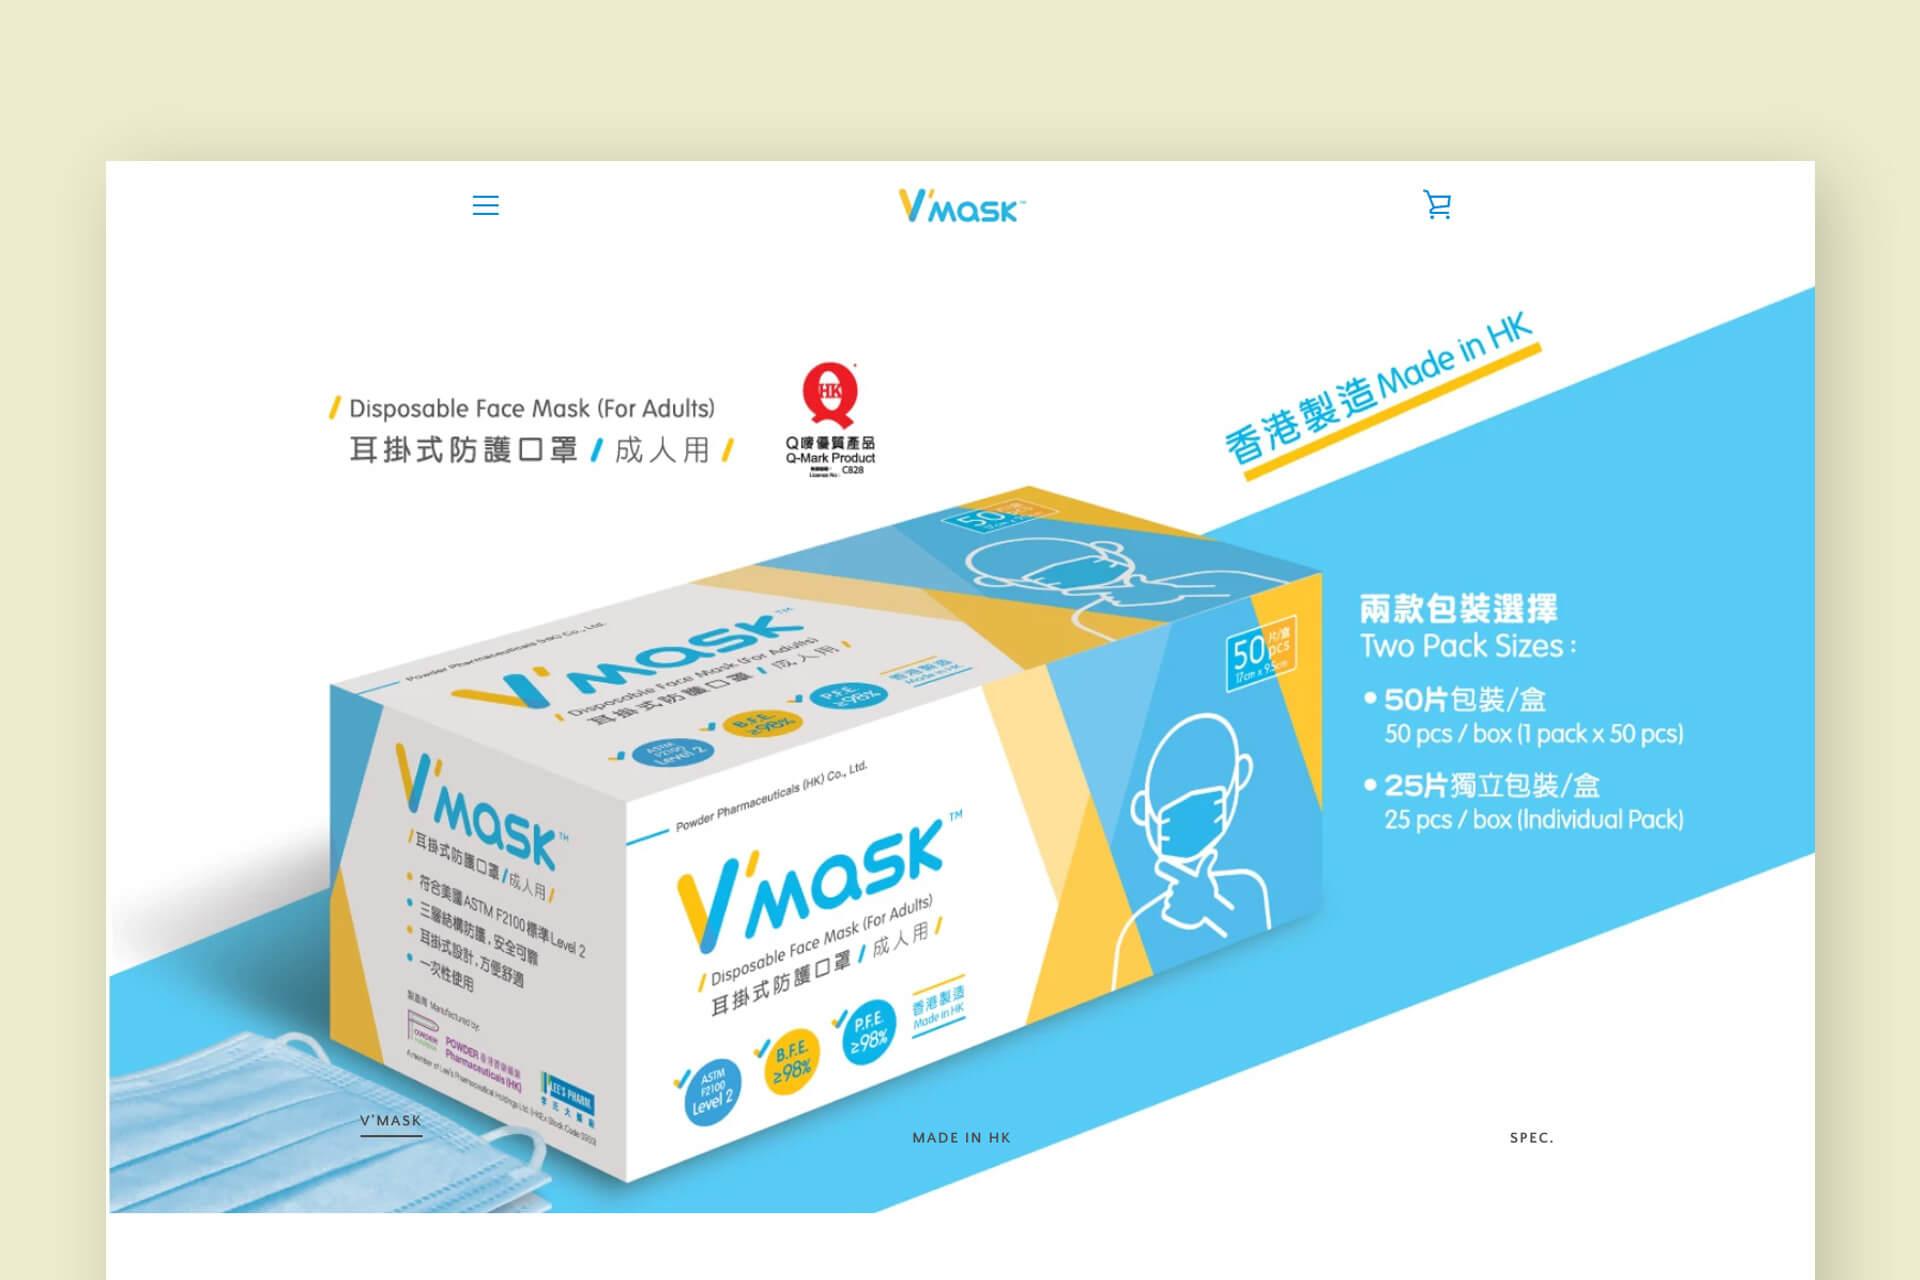 香港普乐药业有限公司